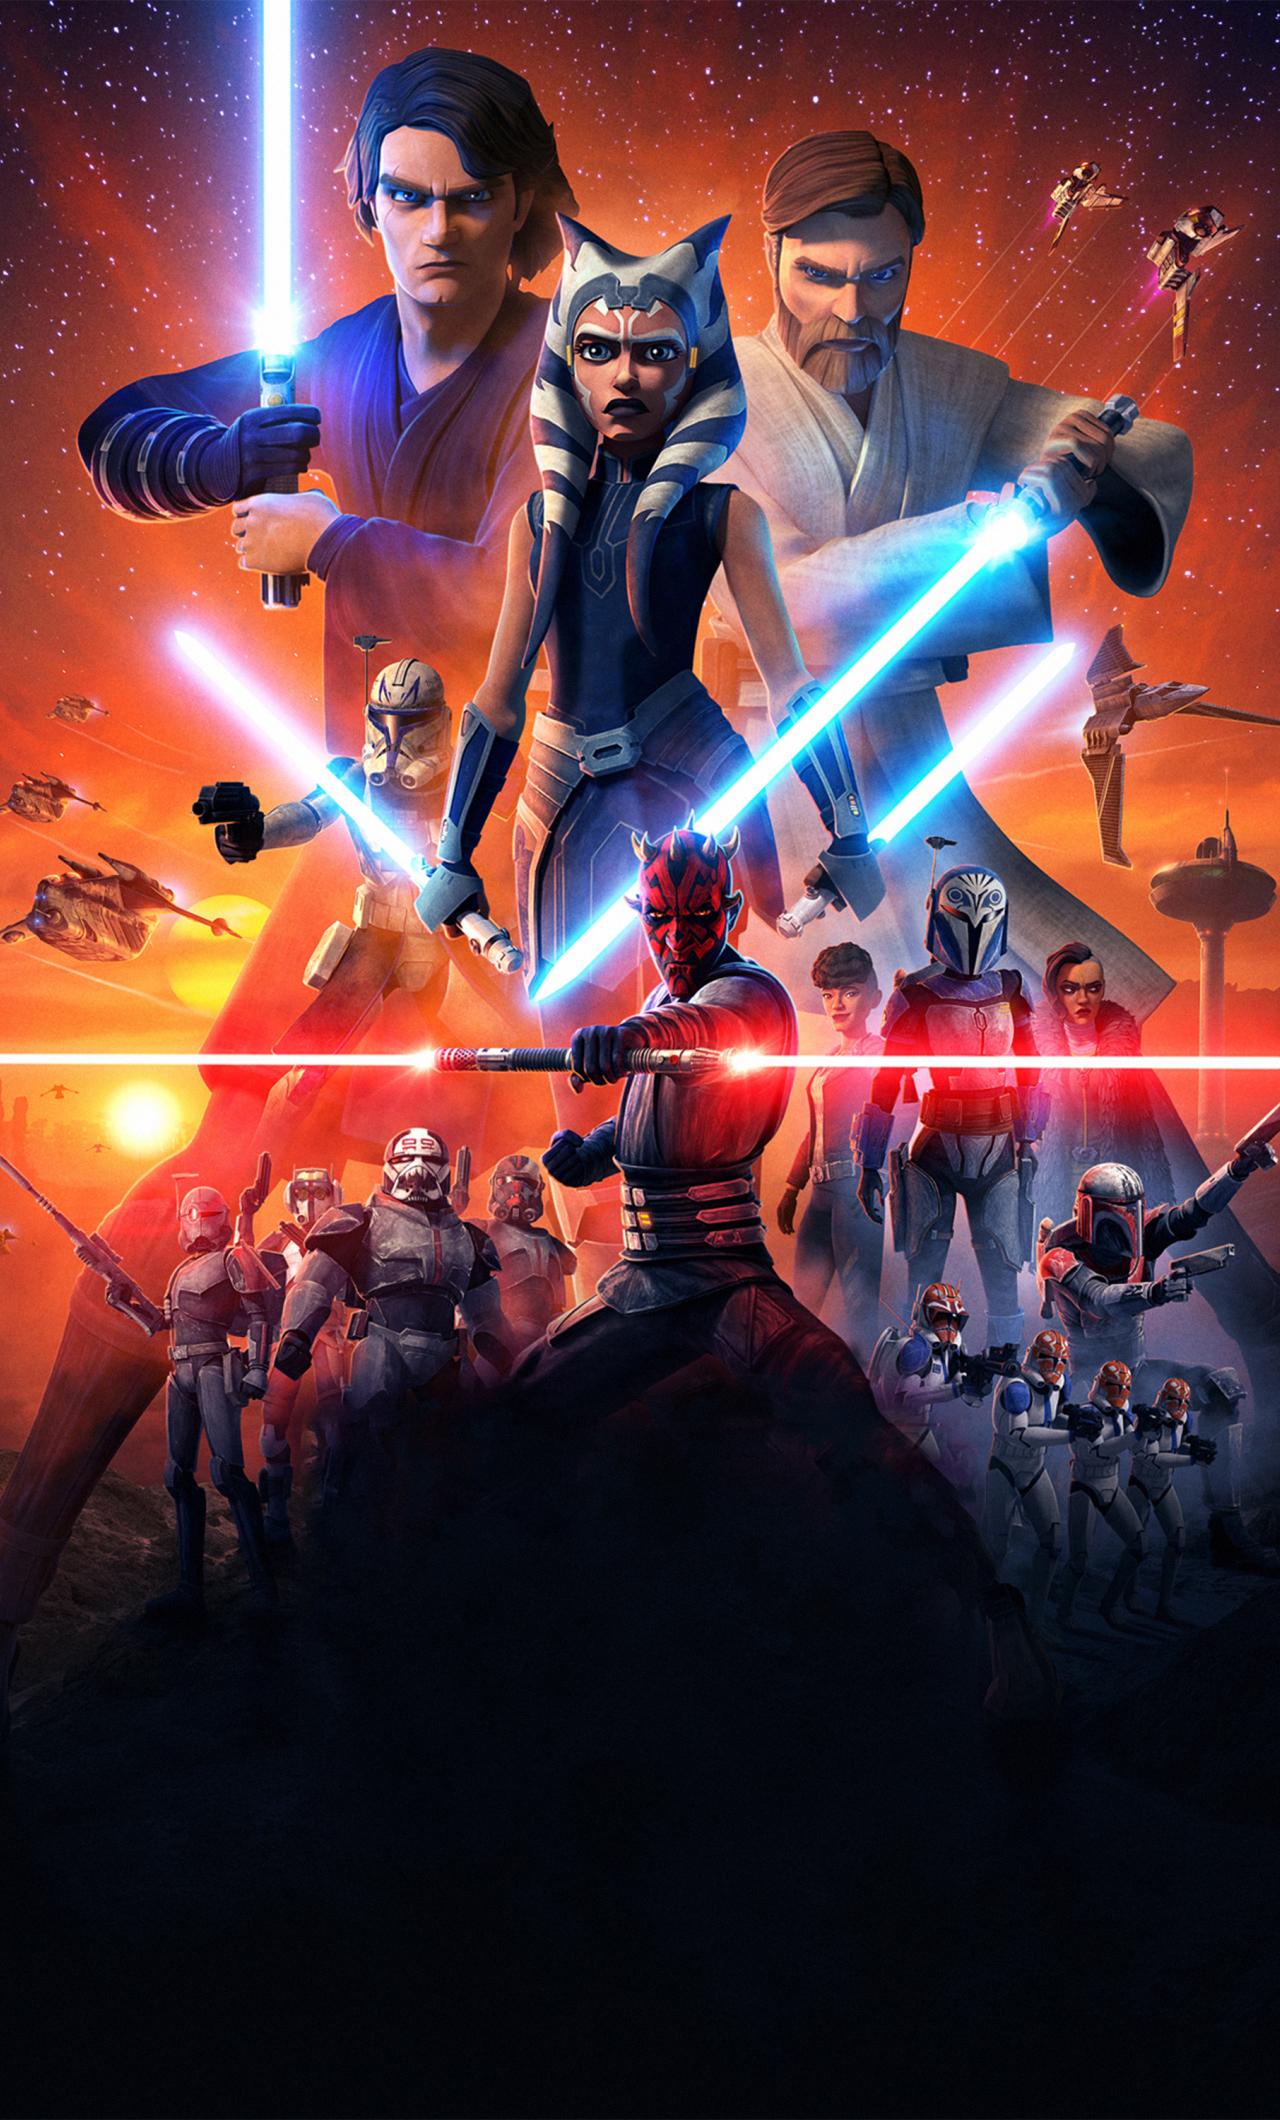 the clone wars 2020 a21samuUmZqaraWkpJRmZ21lrWdmZ2U